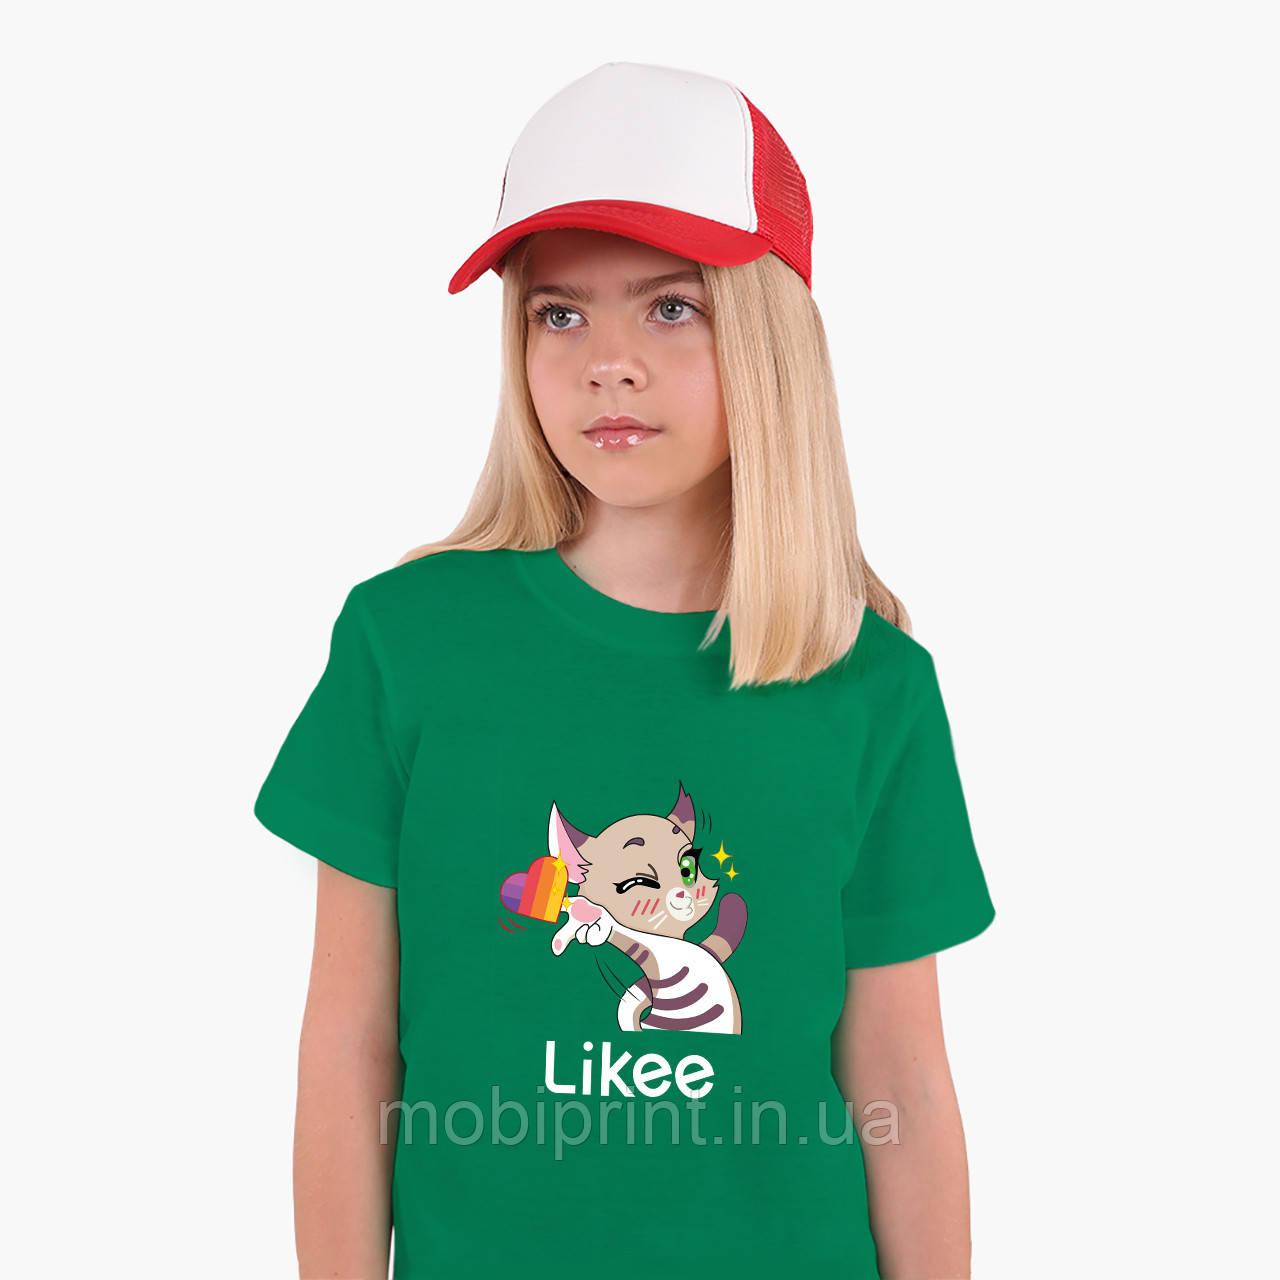 Детская футболка для девочек Лайк Котик (Likee Cat) (25186-1032) Зеленый